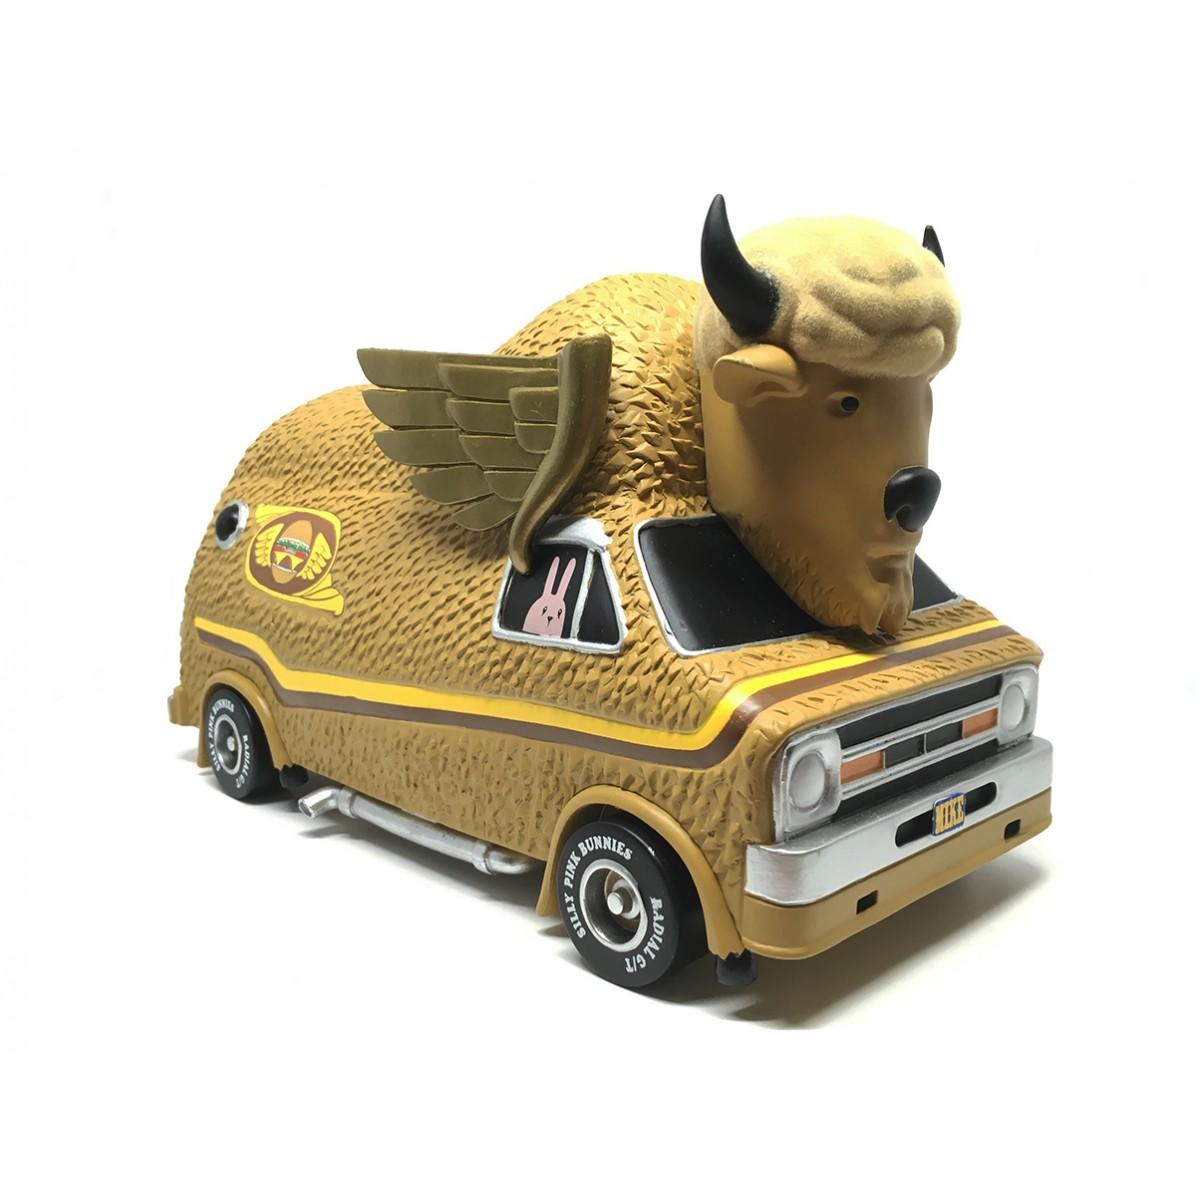 bison_burger_van1.jpg